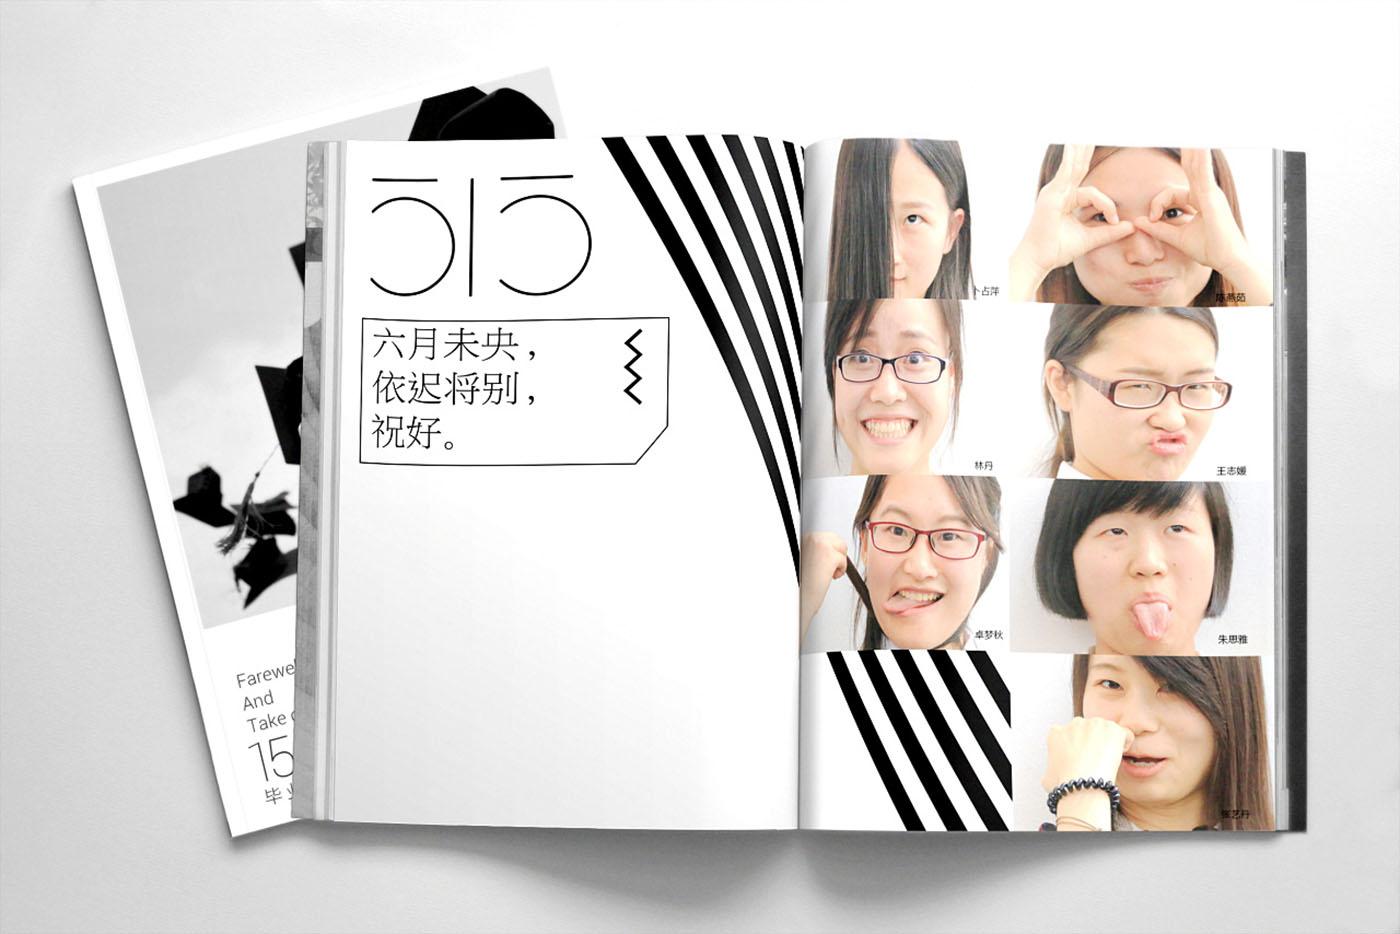 大学毕业纪念册设计,毕业纪念册设计公司